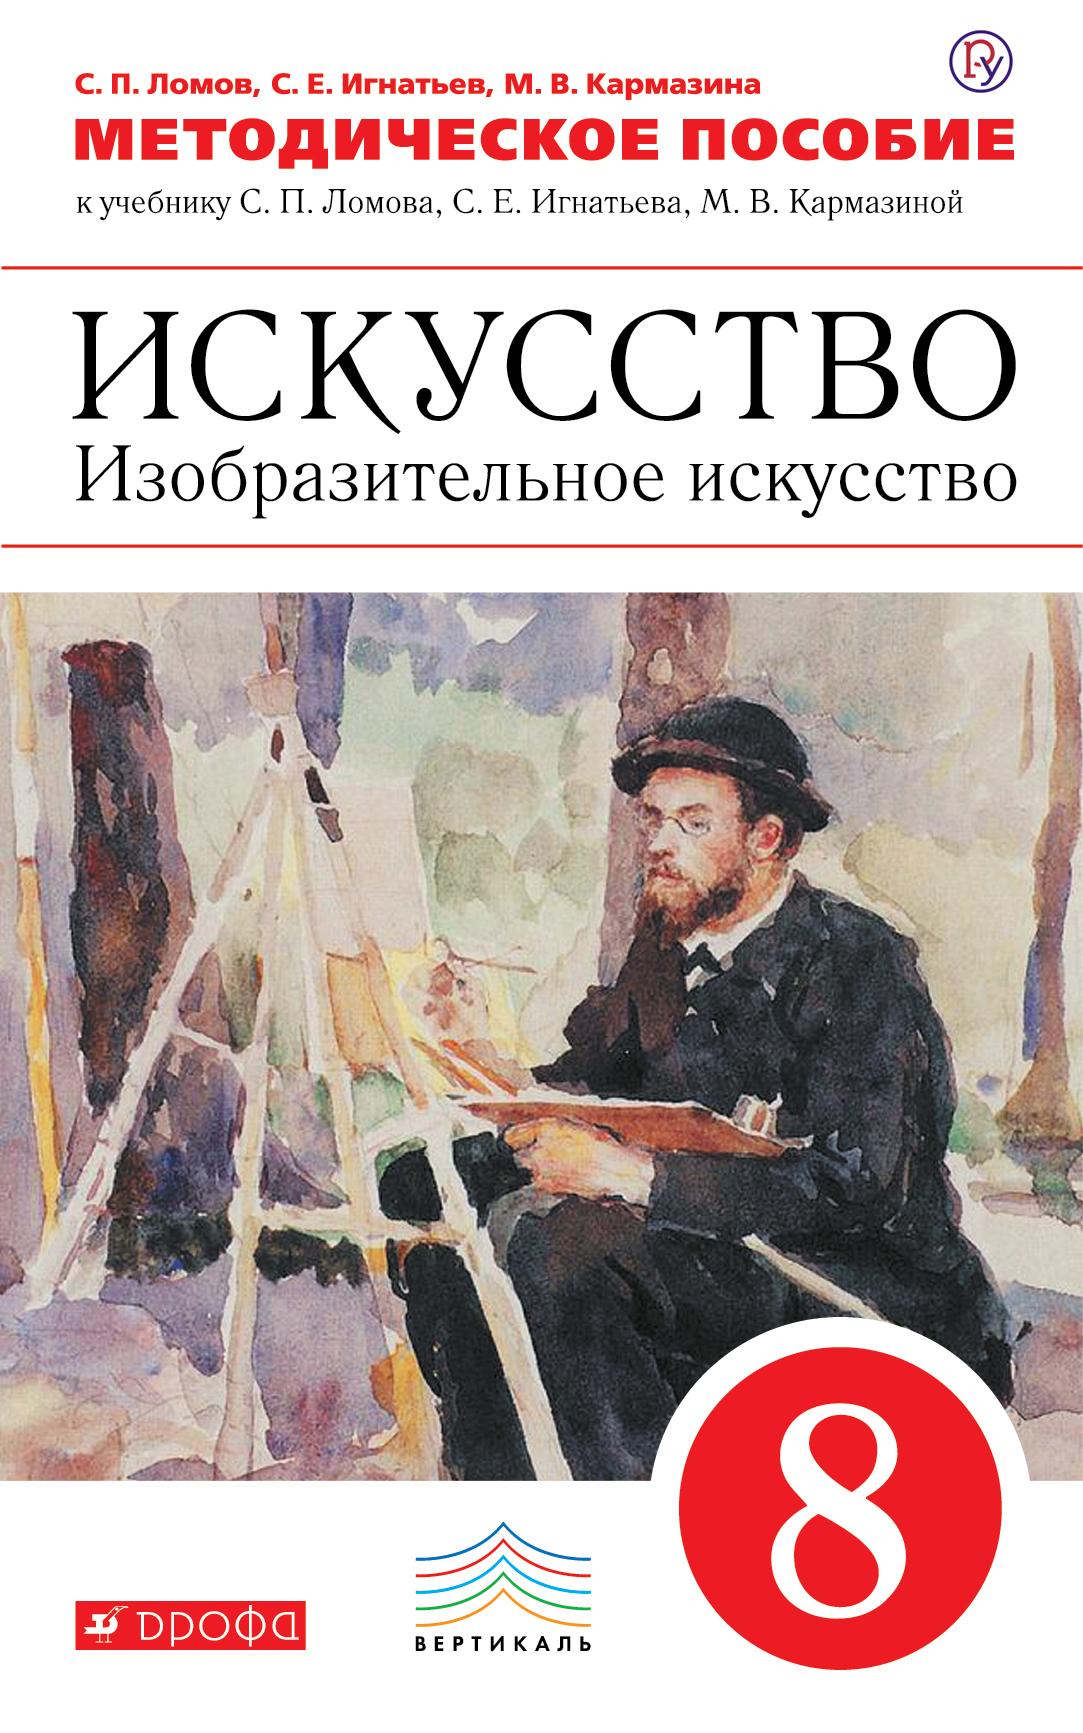 Искусство. Изобразительное искусство. 8 класс. Методическое пособие.